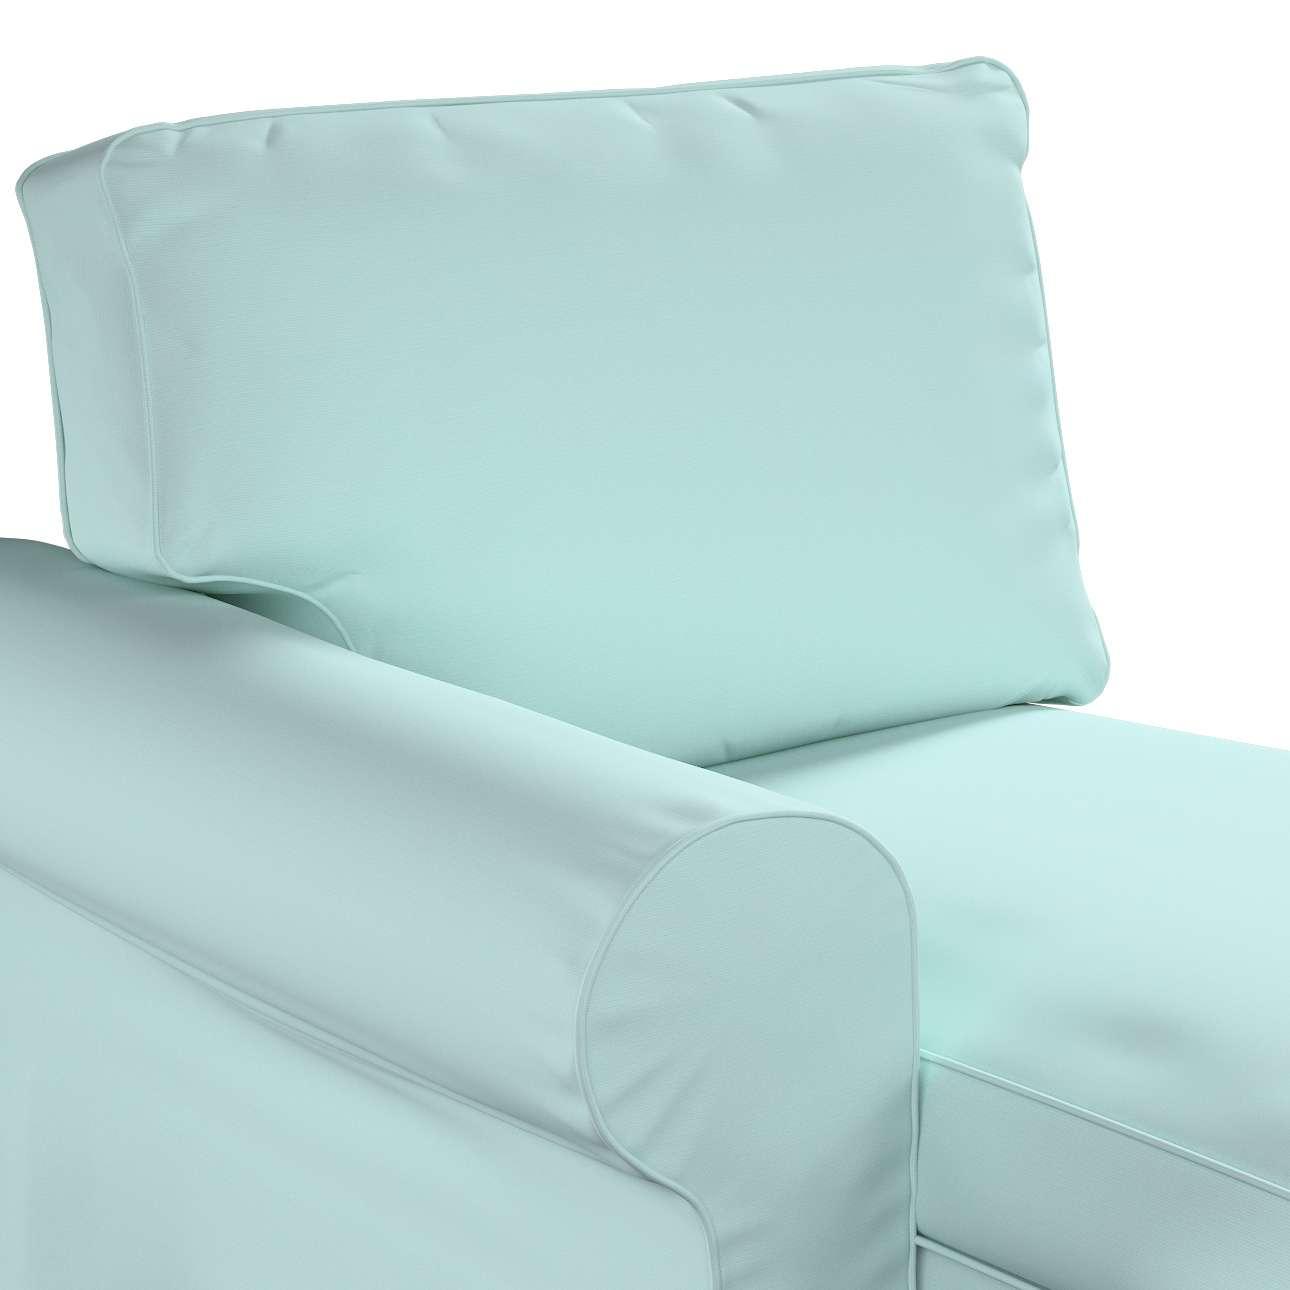 Ektorp Bezug für Récamiere links von der Kollektion Cotton Panama, Stoff: 702-10